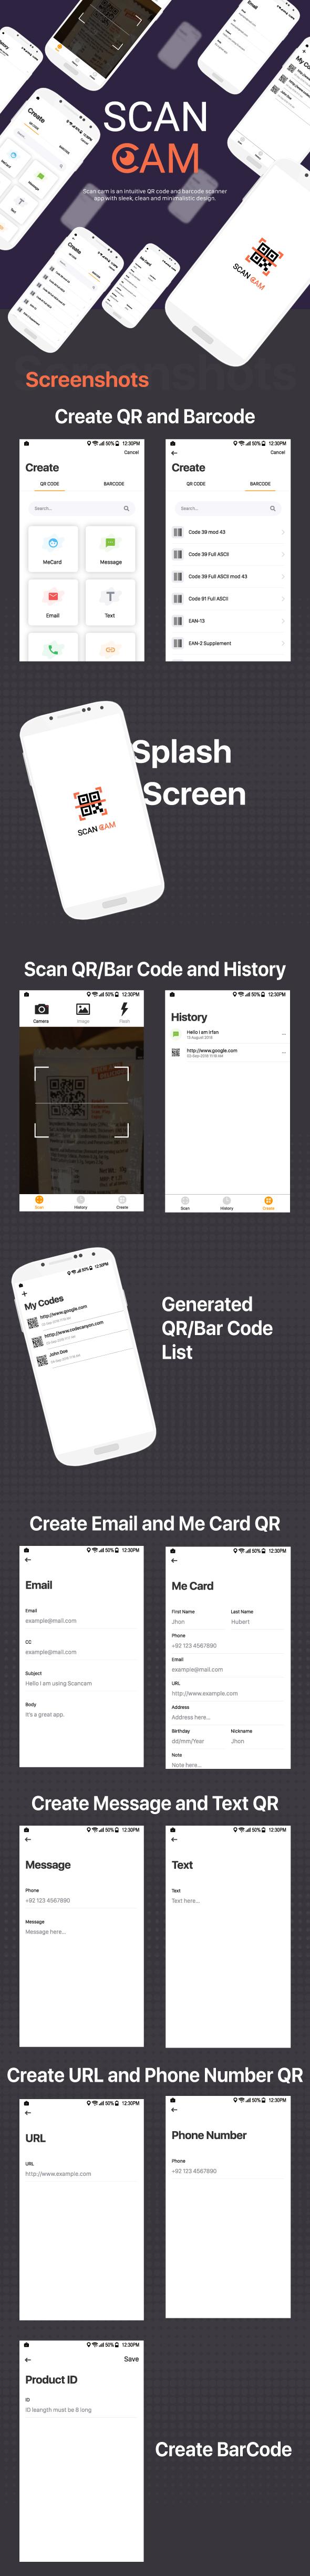 IOS QR Code Scanner und Generator - 5